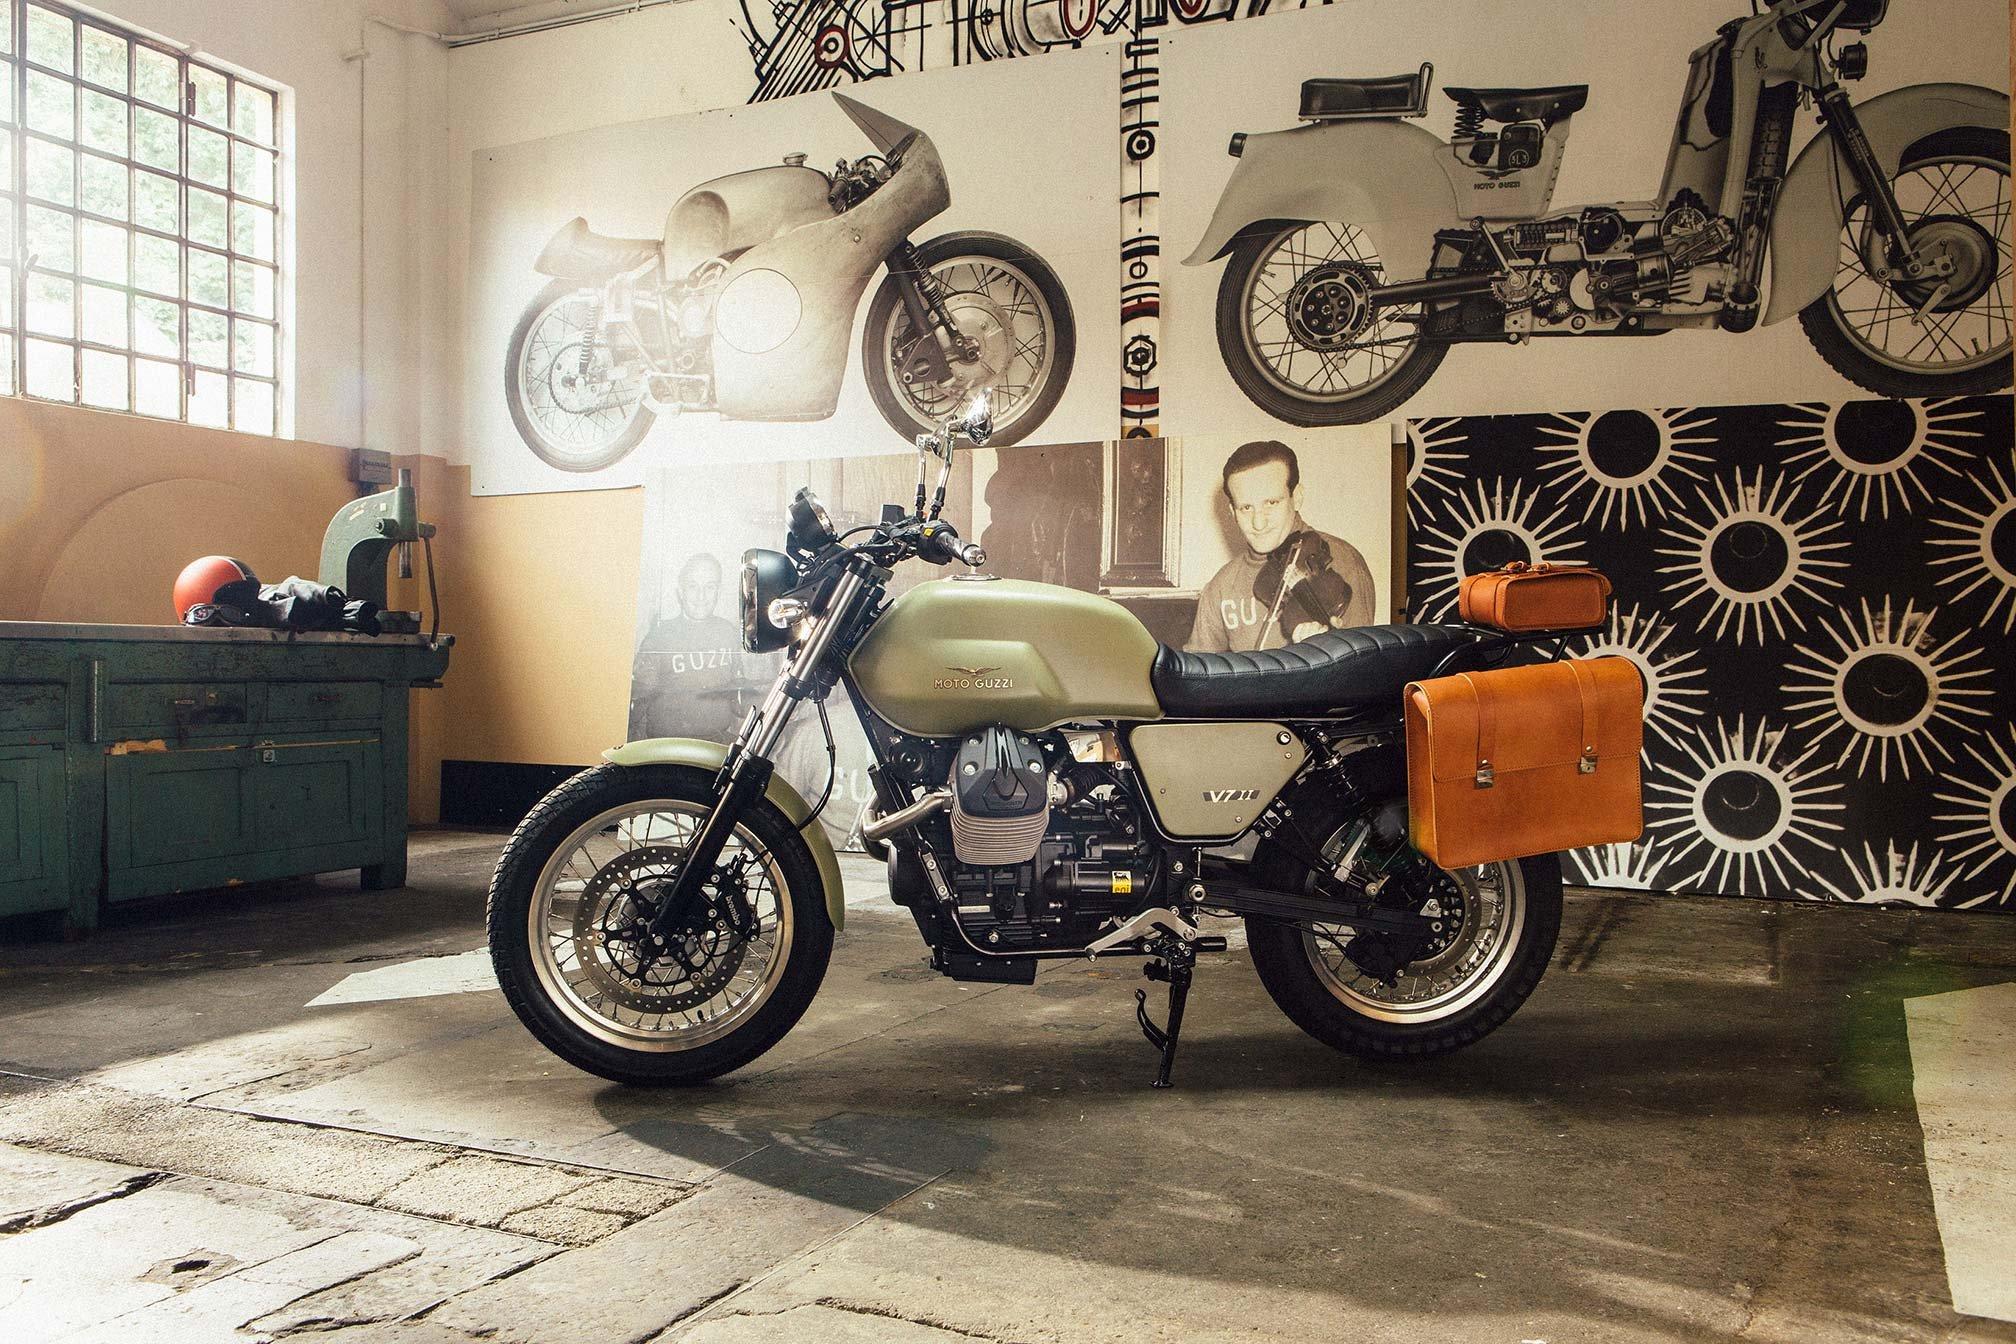 2016 moto guzzi garage v7ii legend kit bike motorbike motorcycle v 7 wallpaper 2016x1344. Black Bedroom Furniture Sets. Home Design Ideas